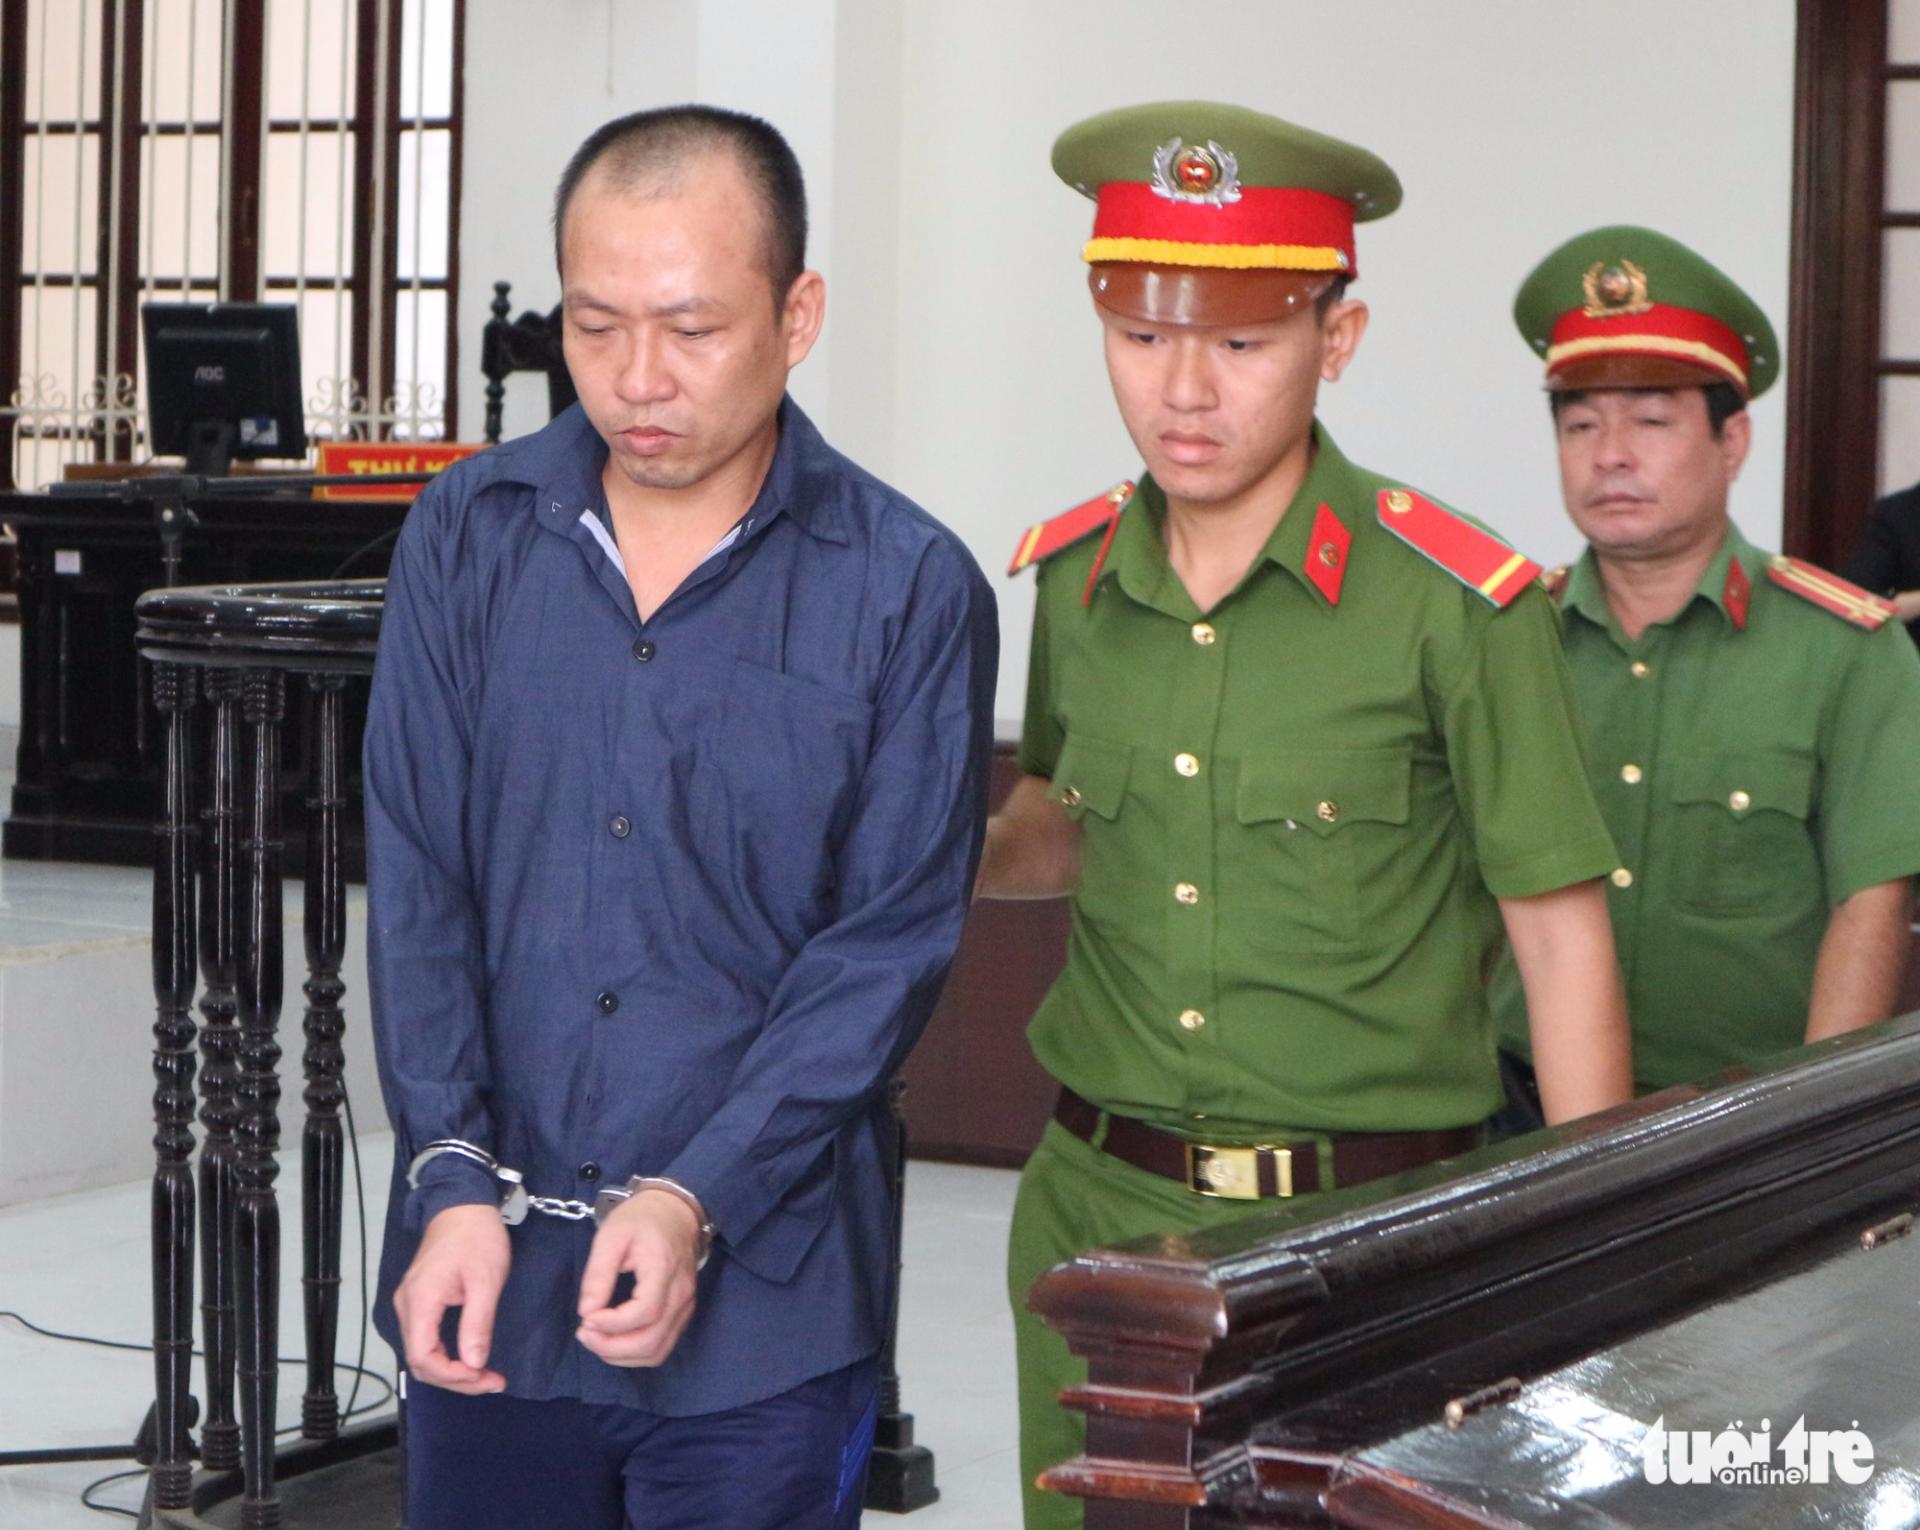 Hiếp dâm trẻ em lãnh 16 năm tù - Ảnh 1.